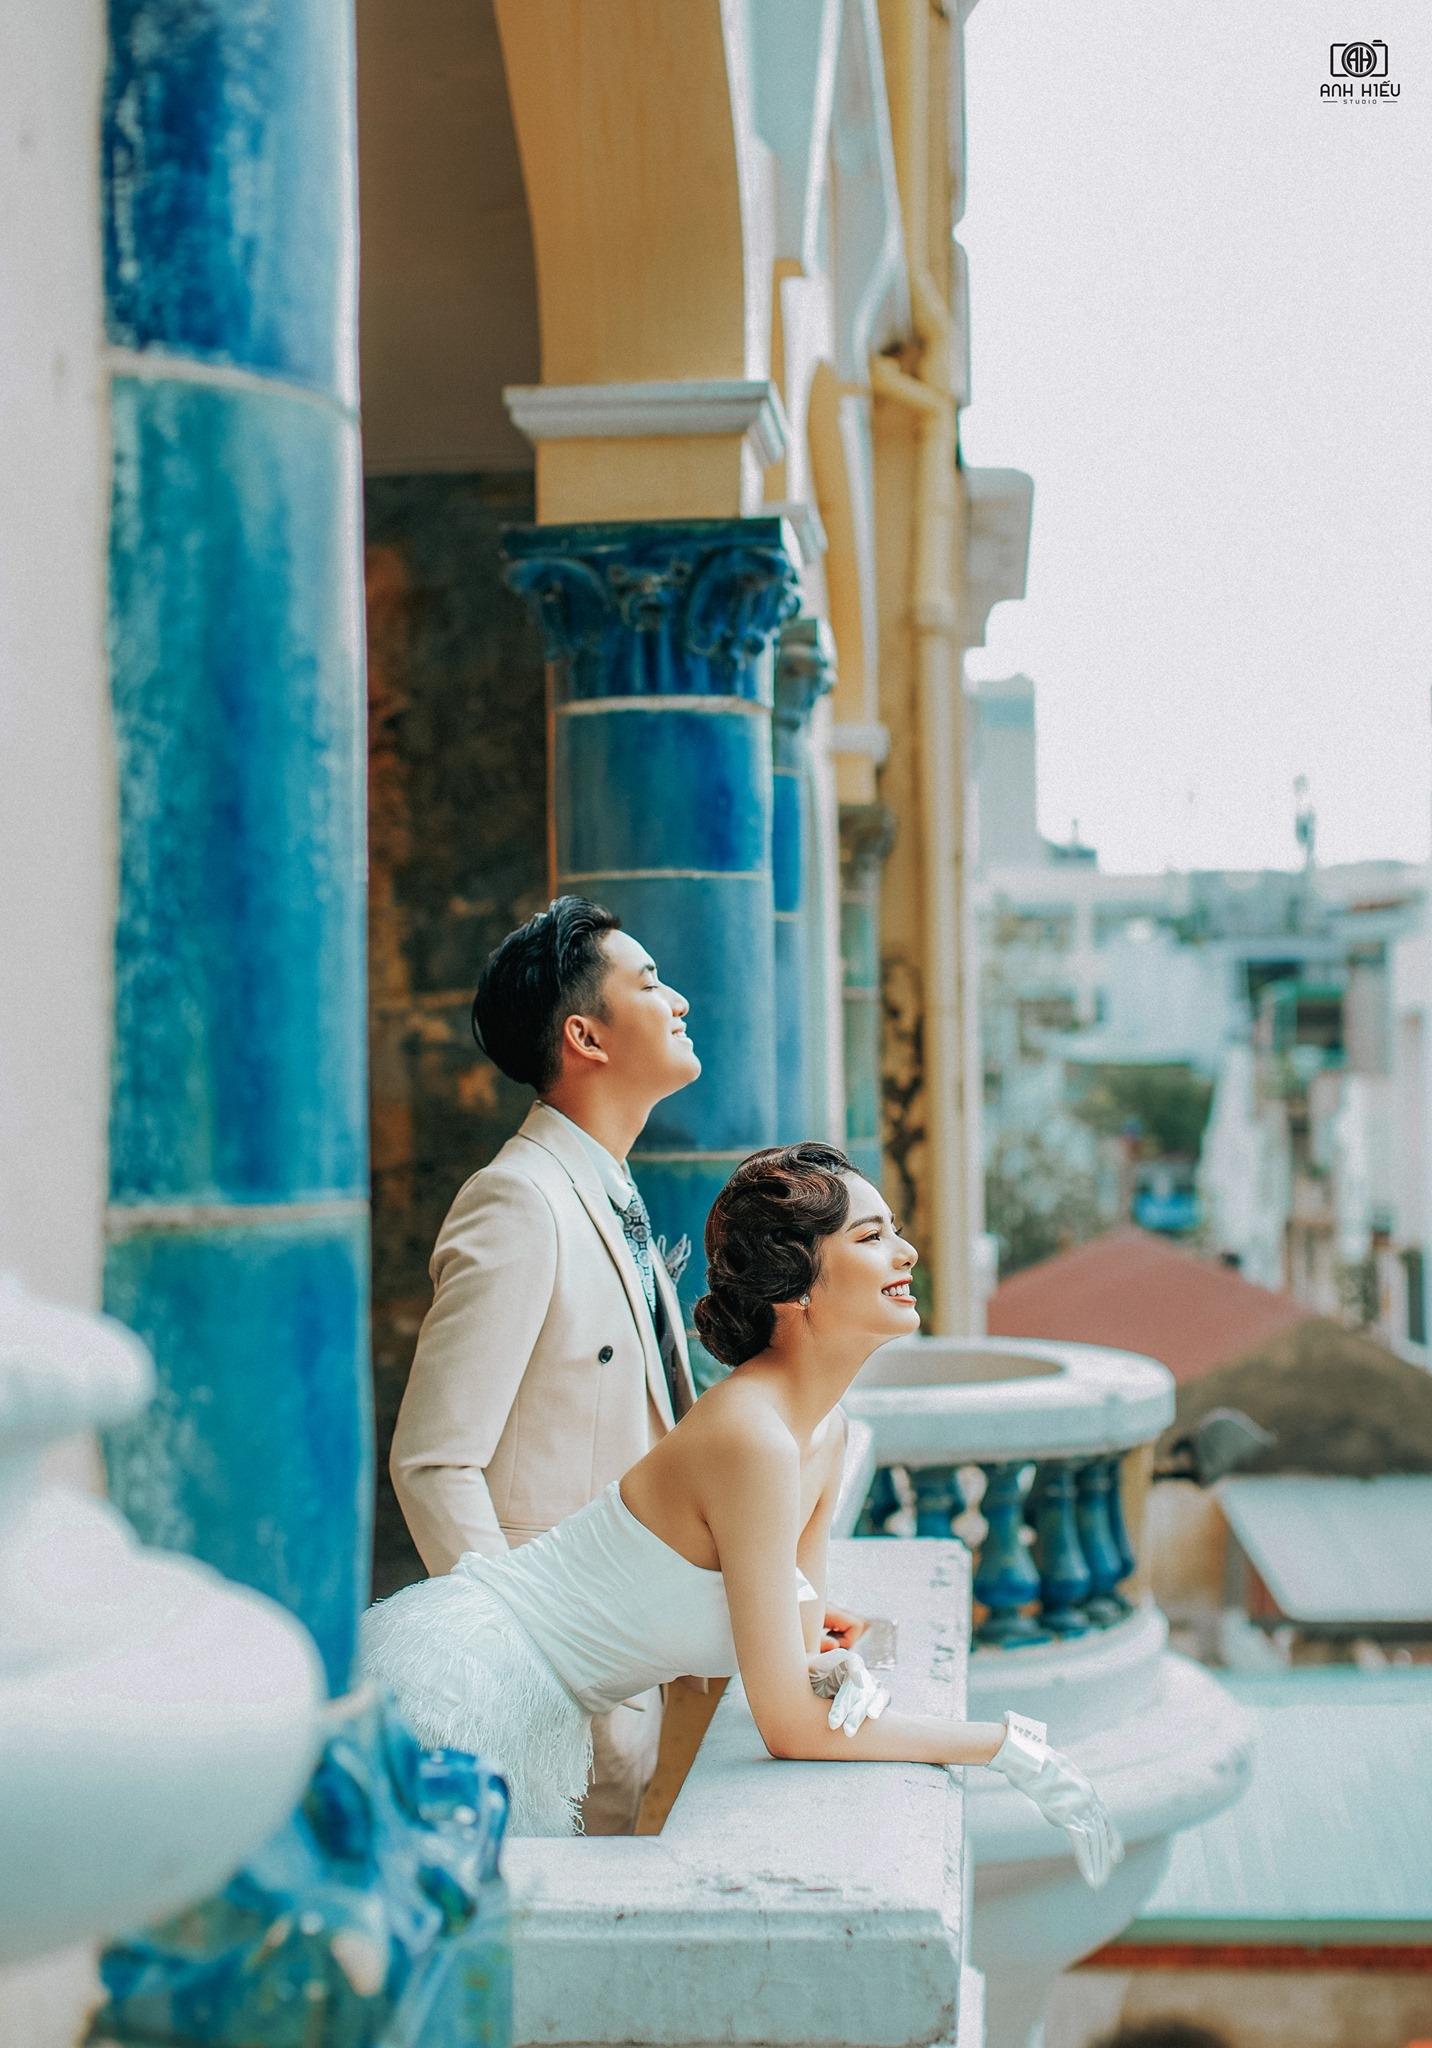 Hinh Cuoi Sai Gon Pho Album 1 (28)